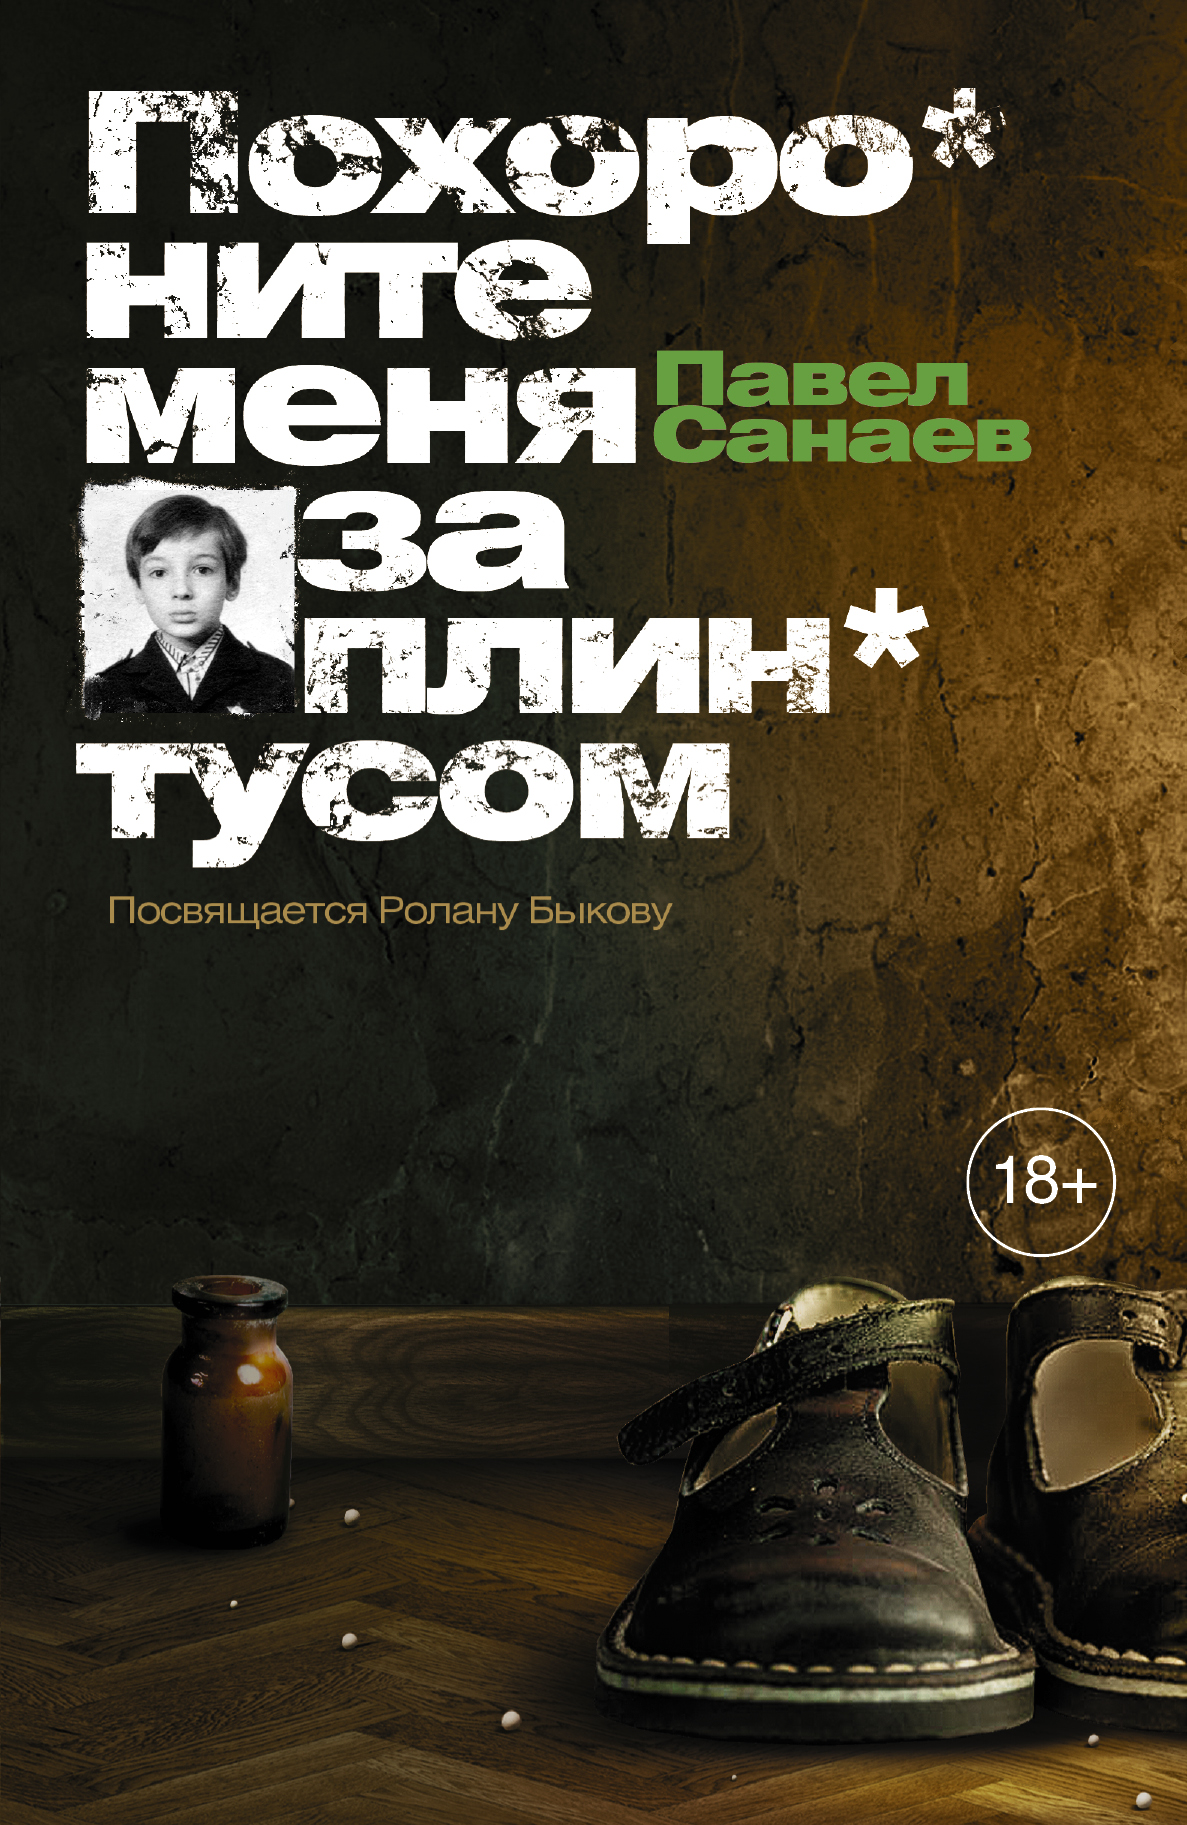 Санаев П. Похороните меня за плинтусом повести земли русской токмакова и п